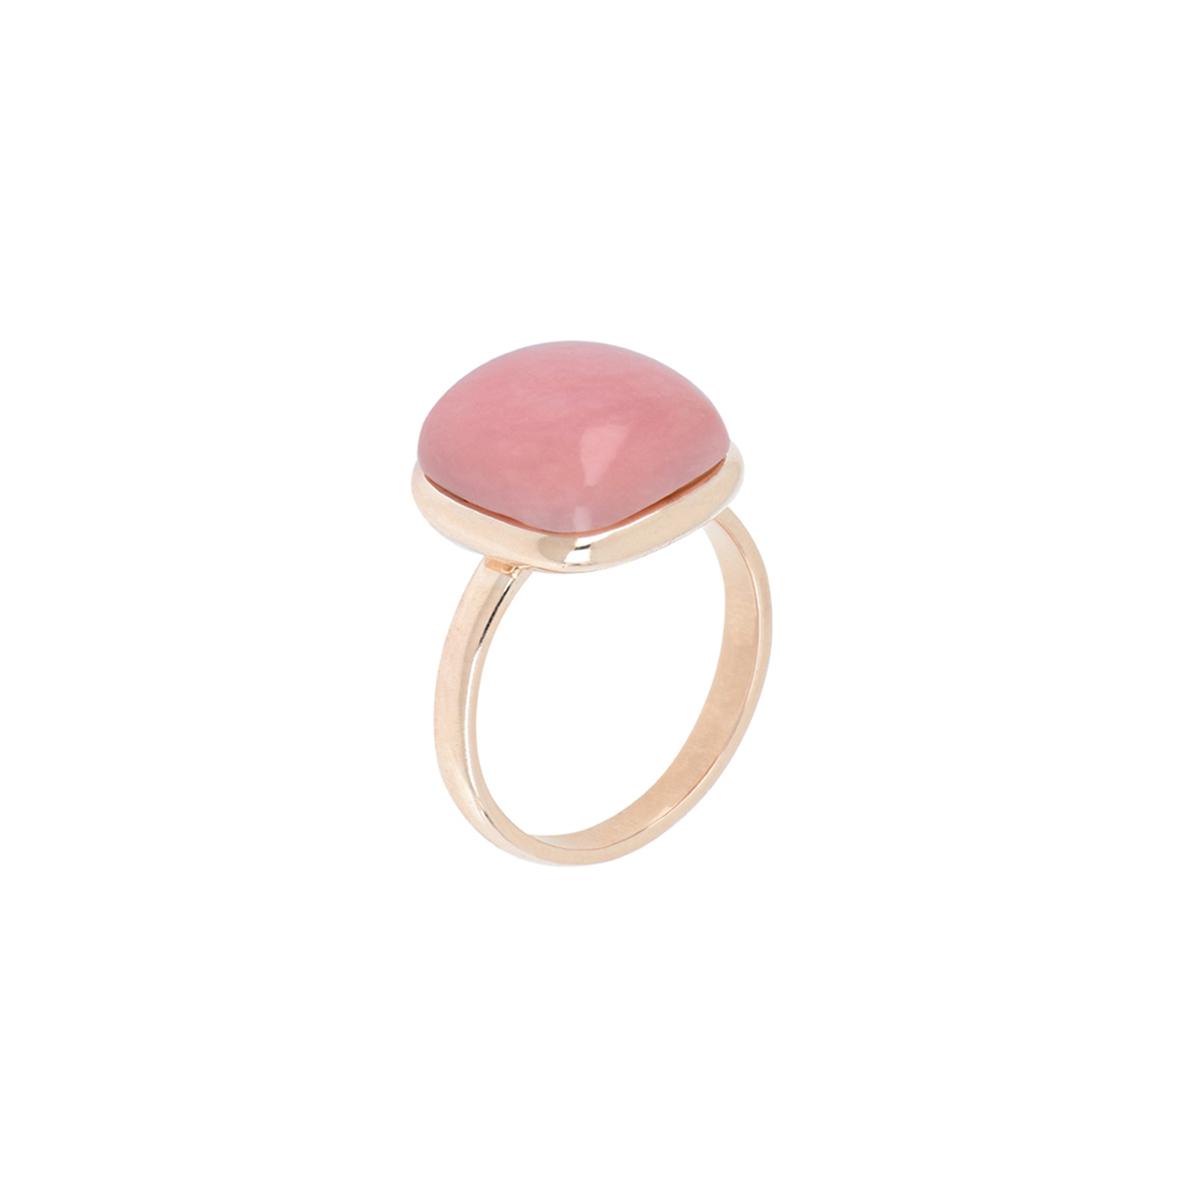 Cabochon Cut Pink Quartz Ring